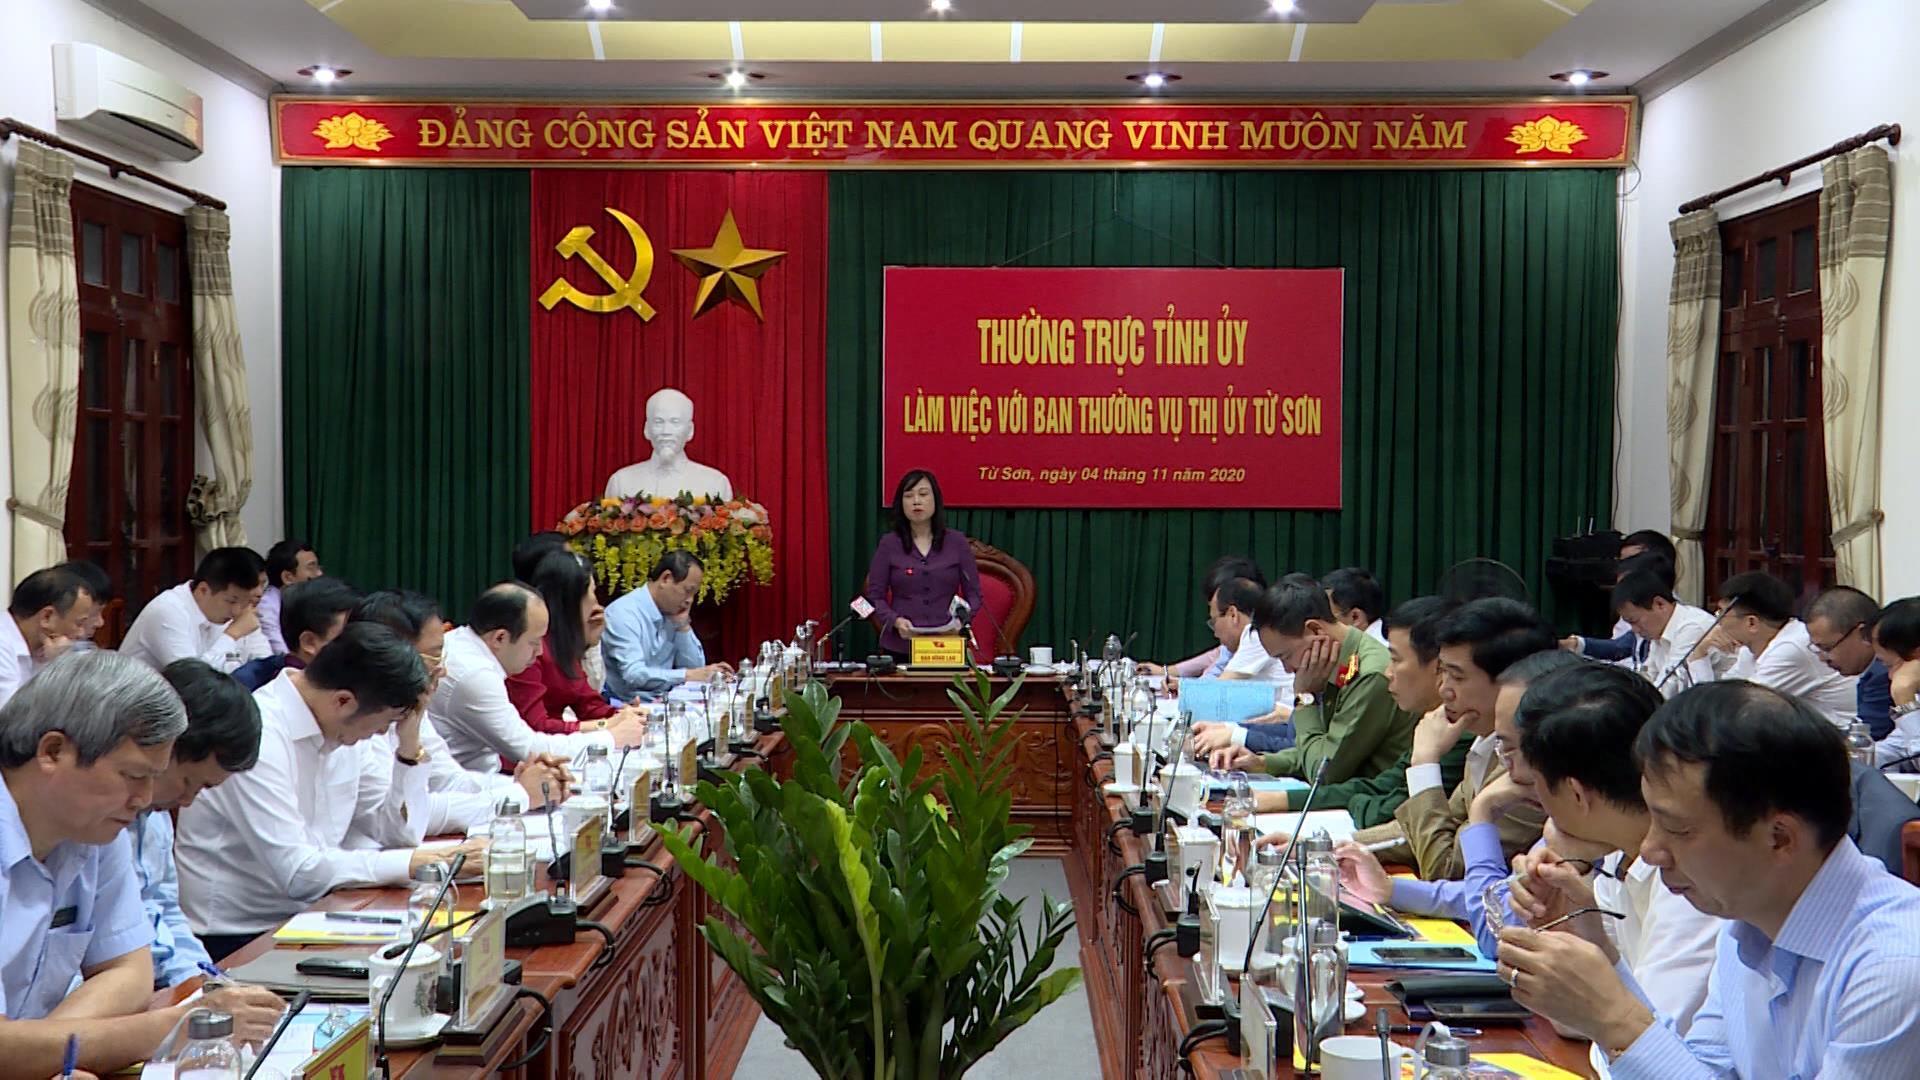 Thường trực Tỉnh ủy làm việc với Ban Thường vụ Thị ủy Từ Sơn